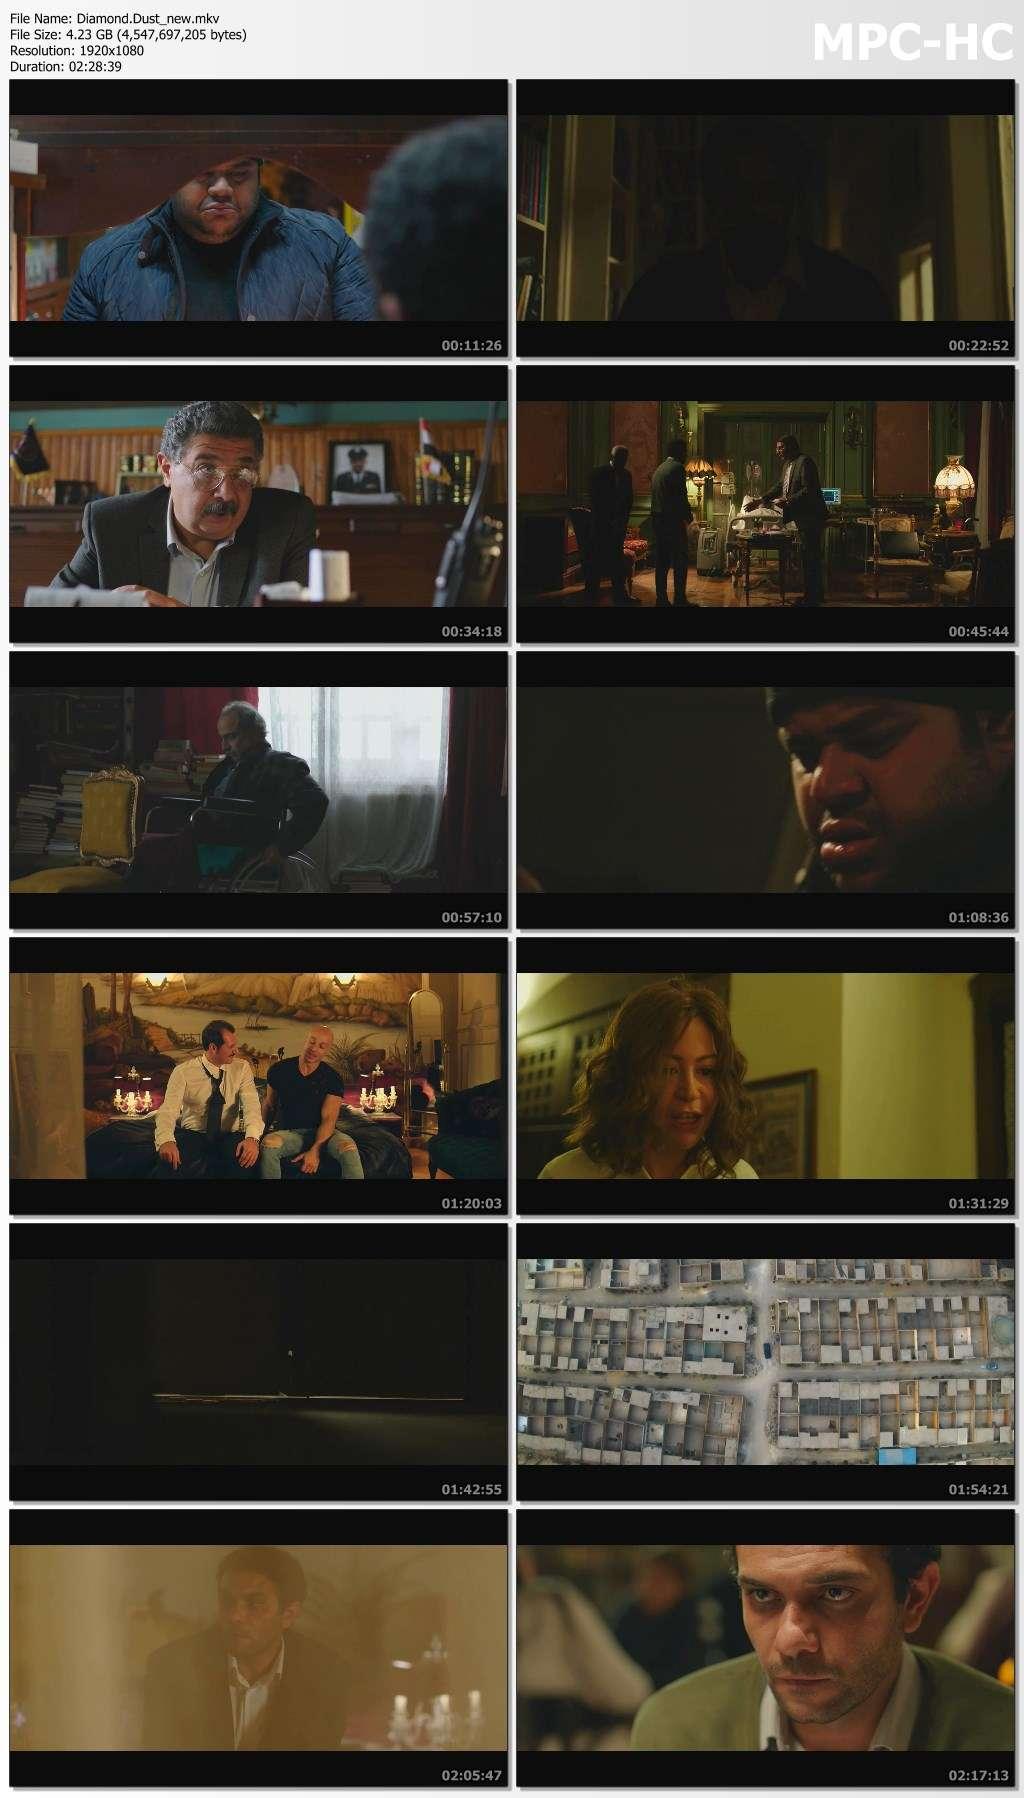 [فيلم][تورنت][تحميل][تراب الماس][2018][1080p][HDTV] 7 arabp2p.com